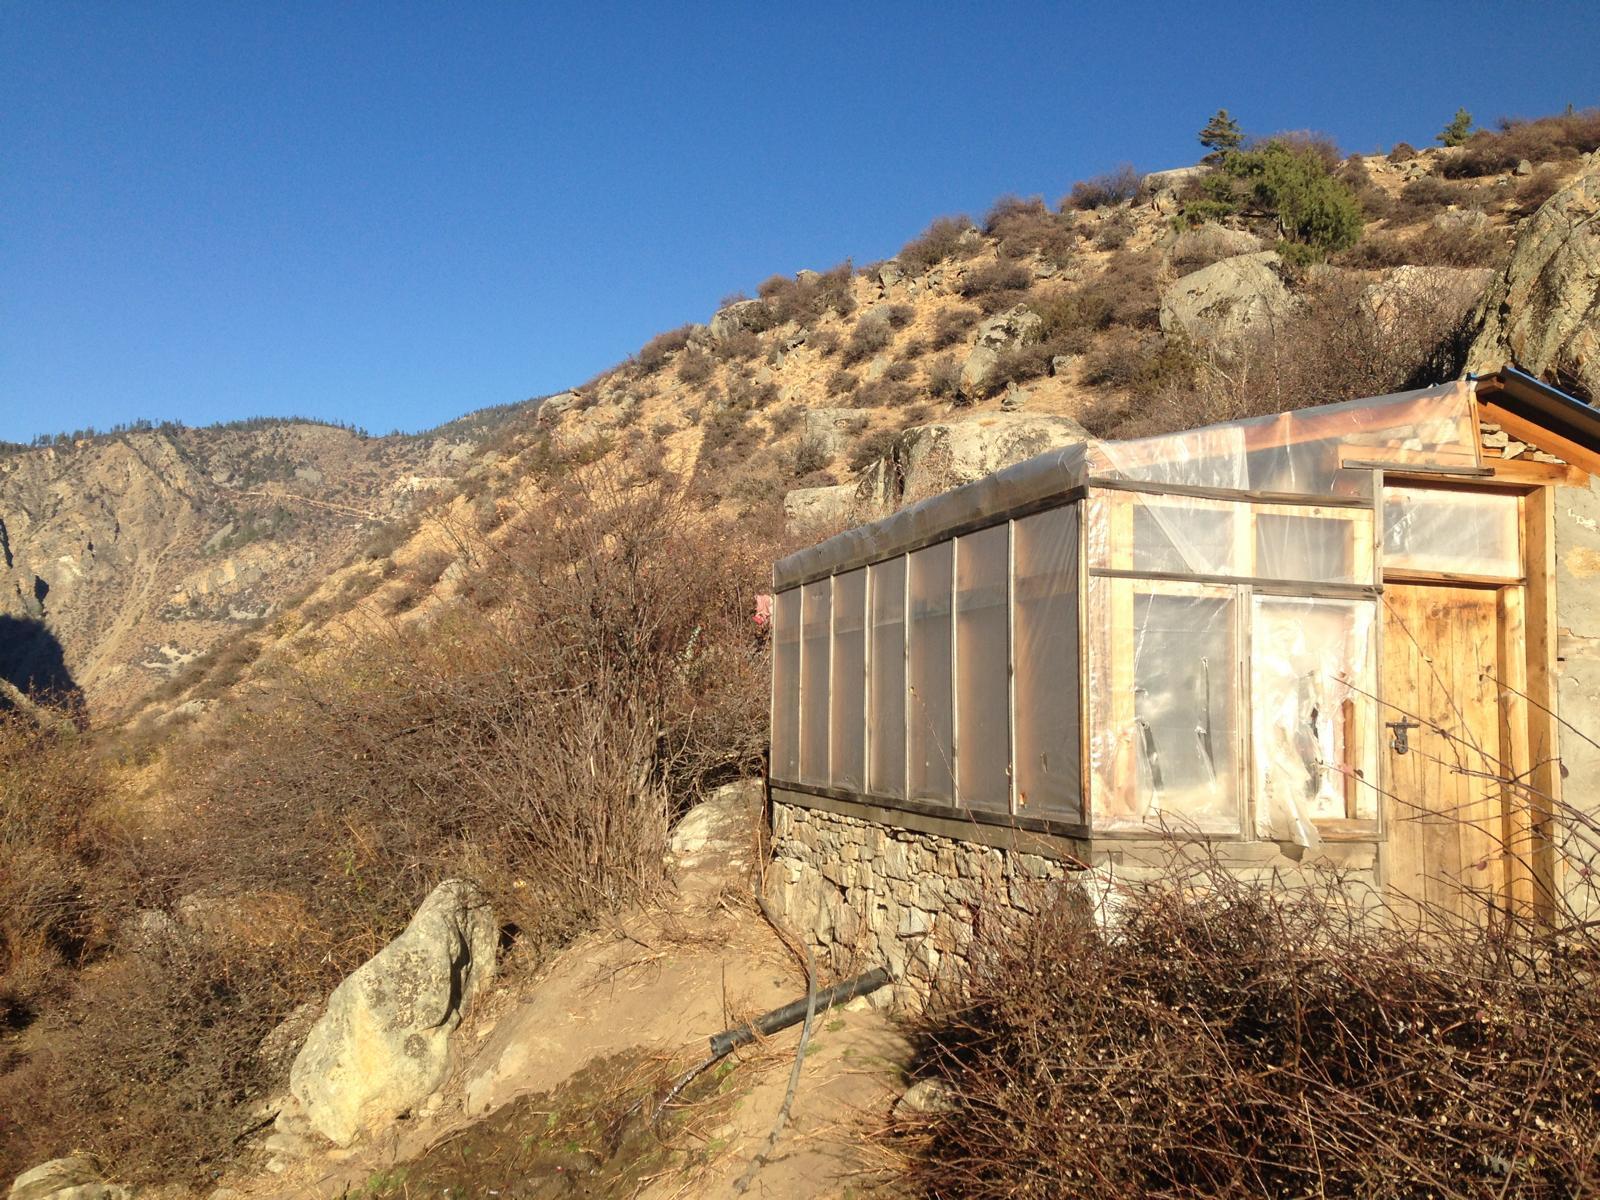 Das Duschhaus in Humla. Einfach aber genial! Warm und vor allem windgeschützt.